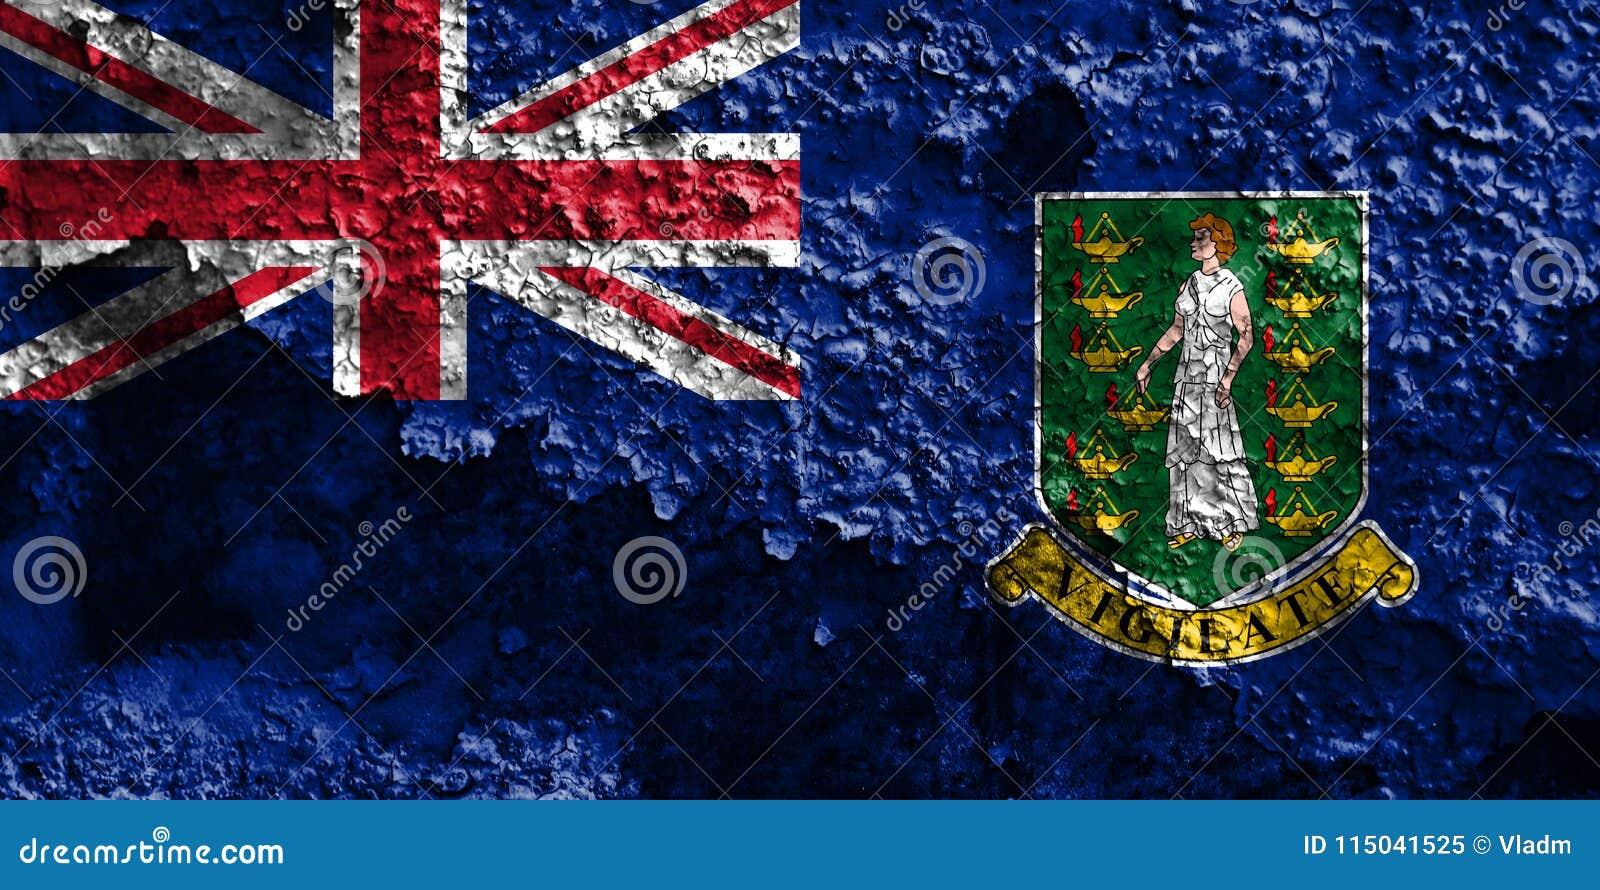 British Virgin Islands grungeflagga, brittiska utländska territorier